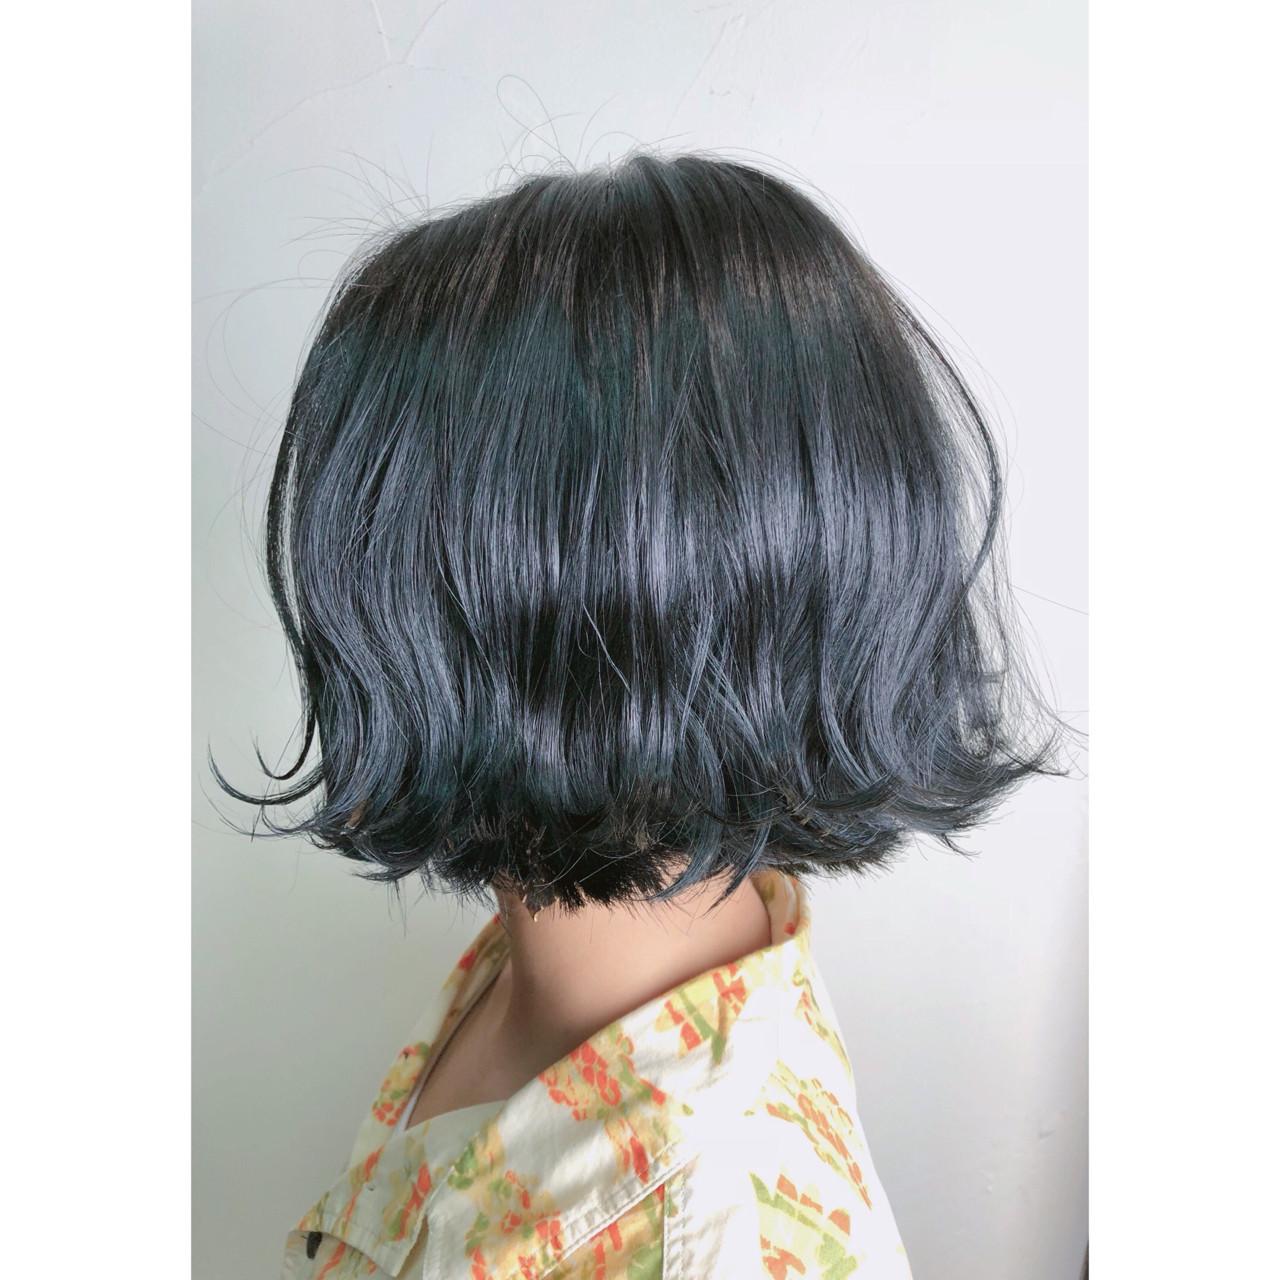 グレージュ 暗髪 切りっぱなし ナチュラル ヘアスタイルや髪型の写真・画像 | TAKUMI KAWAHORI / ankclassic